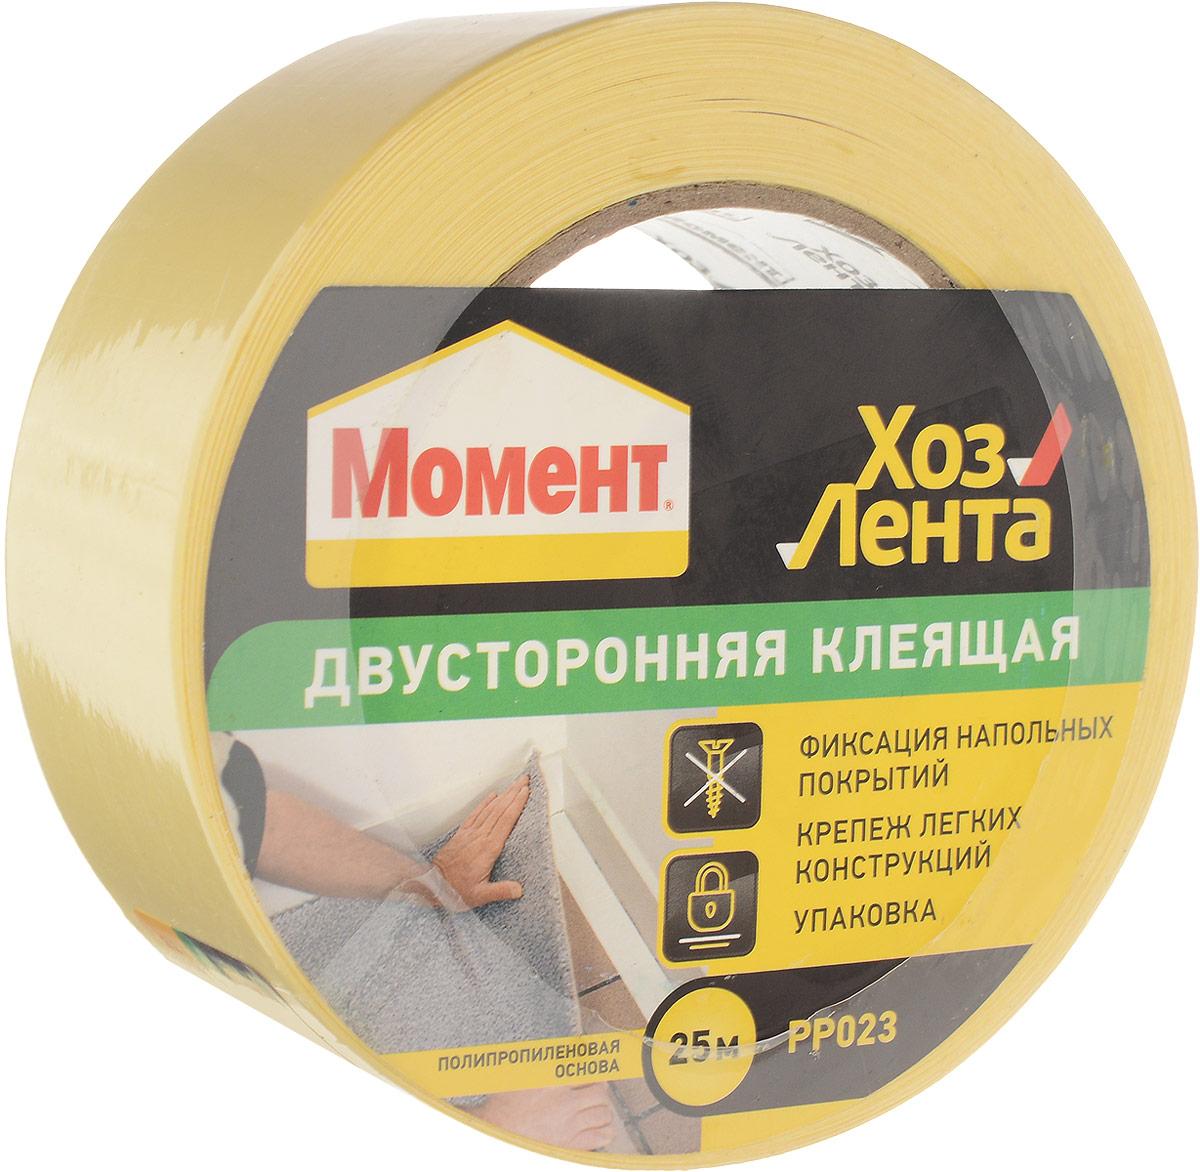 Лента клеящая Момент ХозЛента, двусторонняя, 25 мCA-3505Двусторонняя самоклеящаяся лента Момент ХозЛента применяется для соединений, требующих склеивания, герметизации, изоляции, а также для временного ремонта изделий и упаковки.Удобна в использовании (легко рвется руками).Преимущества ленты:Прочная.Водонепроницаемая.Не требуется использование ножниц.Состав: полиэтиленовая пленка, ткань, синтетический каучук, смолы.Длина ленты: 25 м.Ширина ленты: 4,8 см.